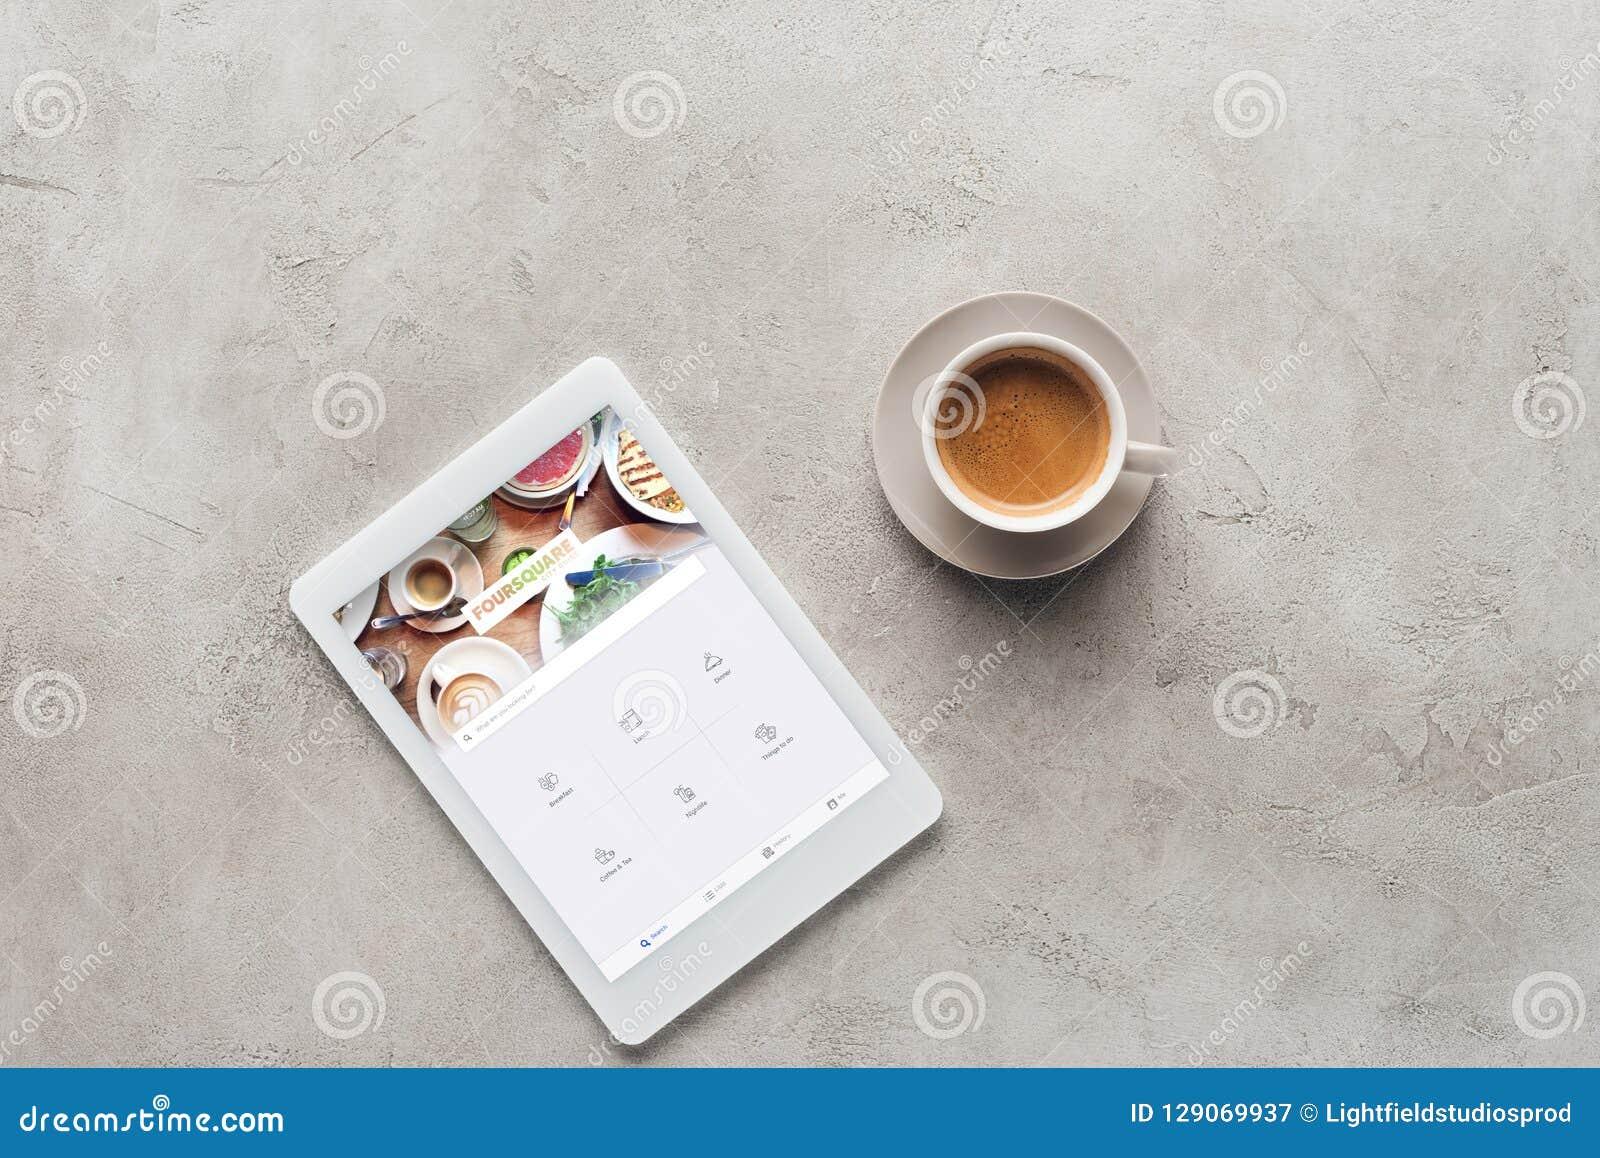 Draufsicht des Tasse Kaffees und der Tablette mit foursquare App auf Schirm